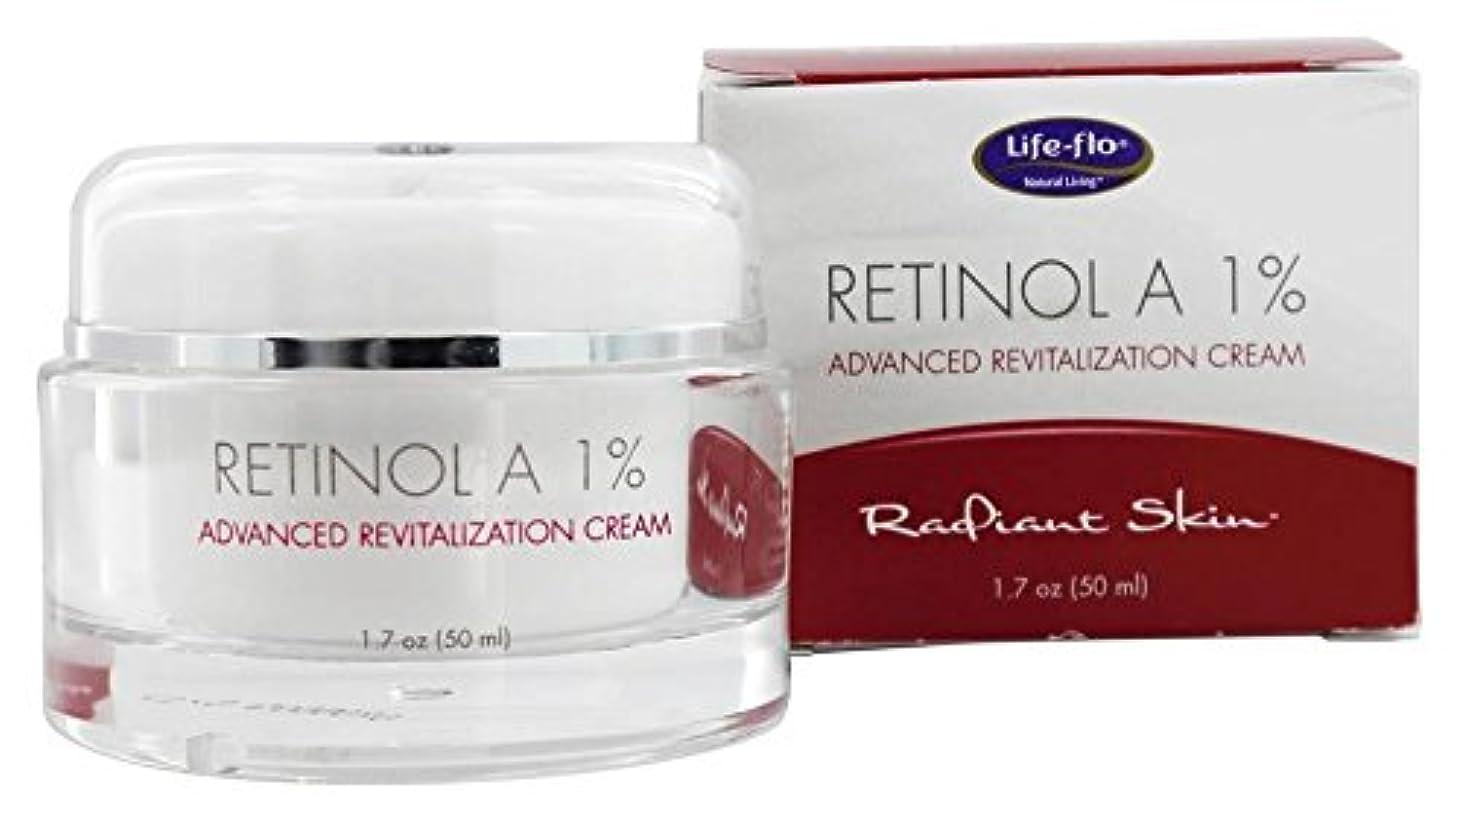 バクテリア省略する衝動海外直送品 Life-Flo Retinol A 1% Advanced Revitalization Cream, 1.7 oz